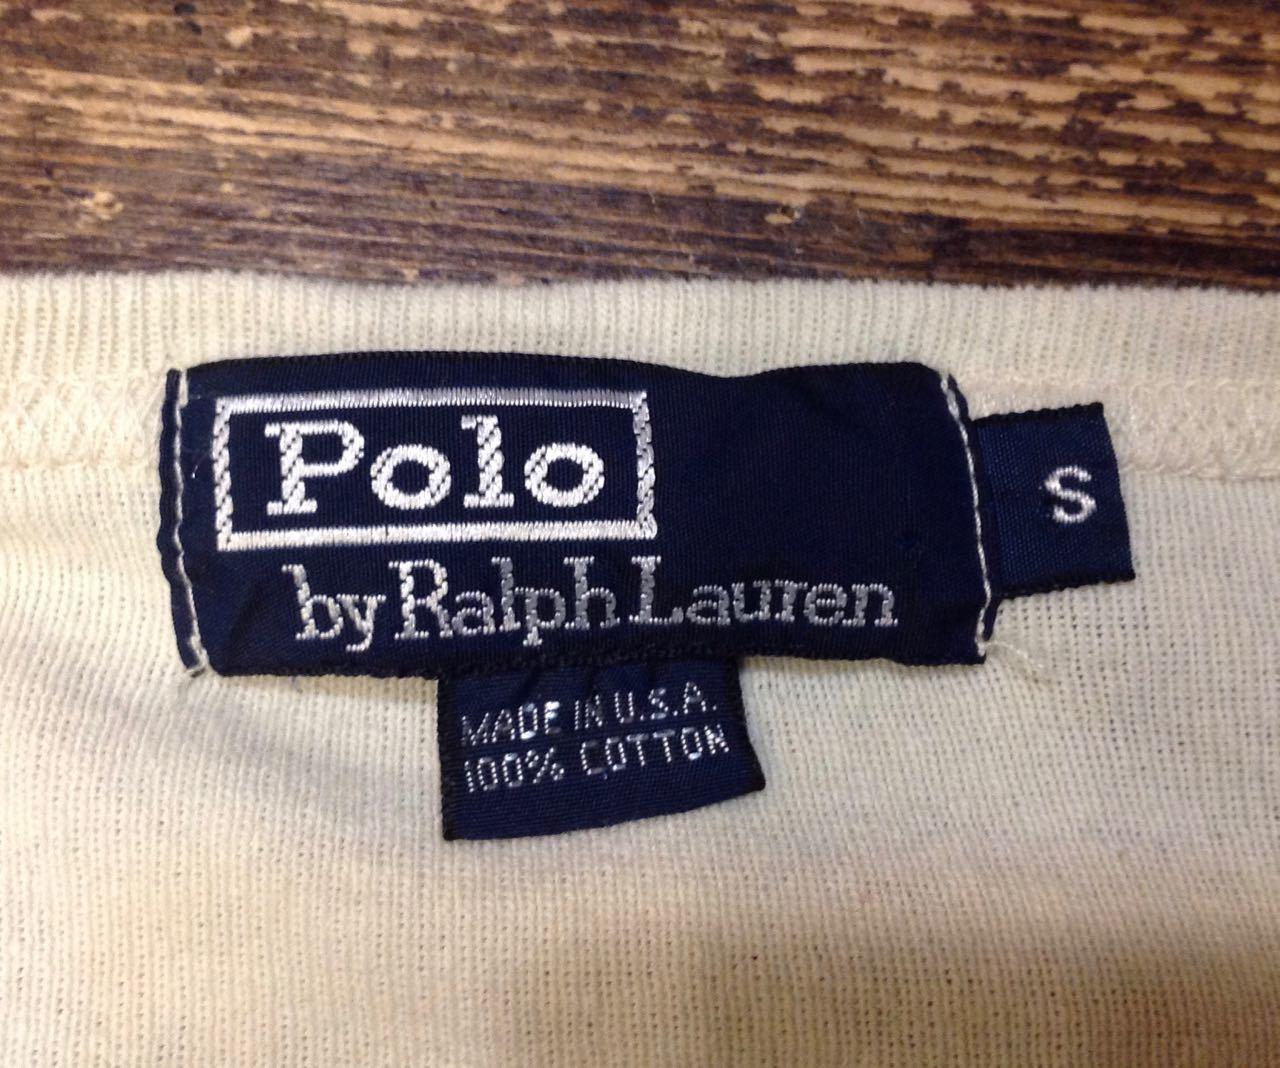 3月28日(土)入荷! 80s 〜Made in U.S.A Polo RalphLauren ロングスリーブTシャツ!_c0144020_14415937.jpg